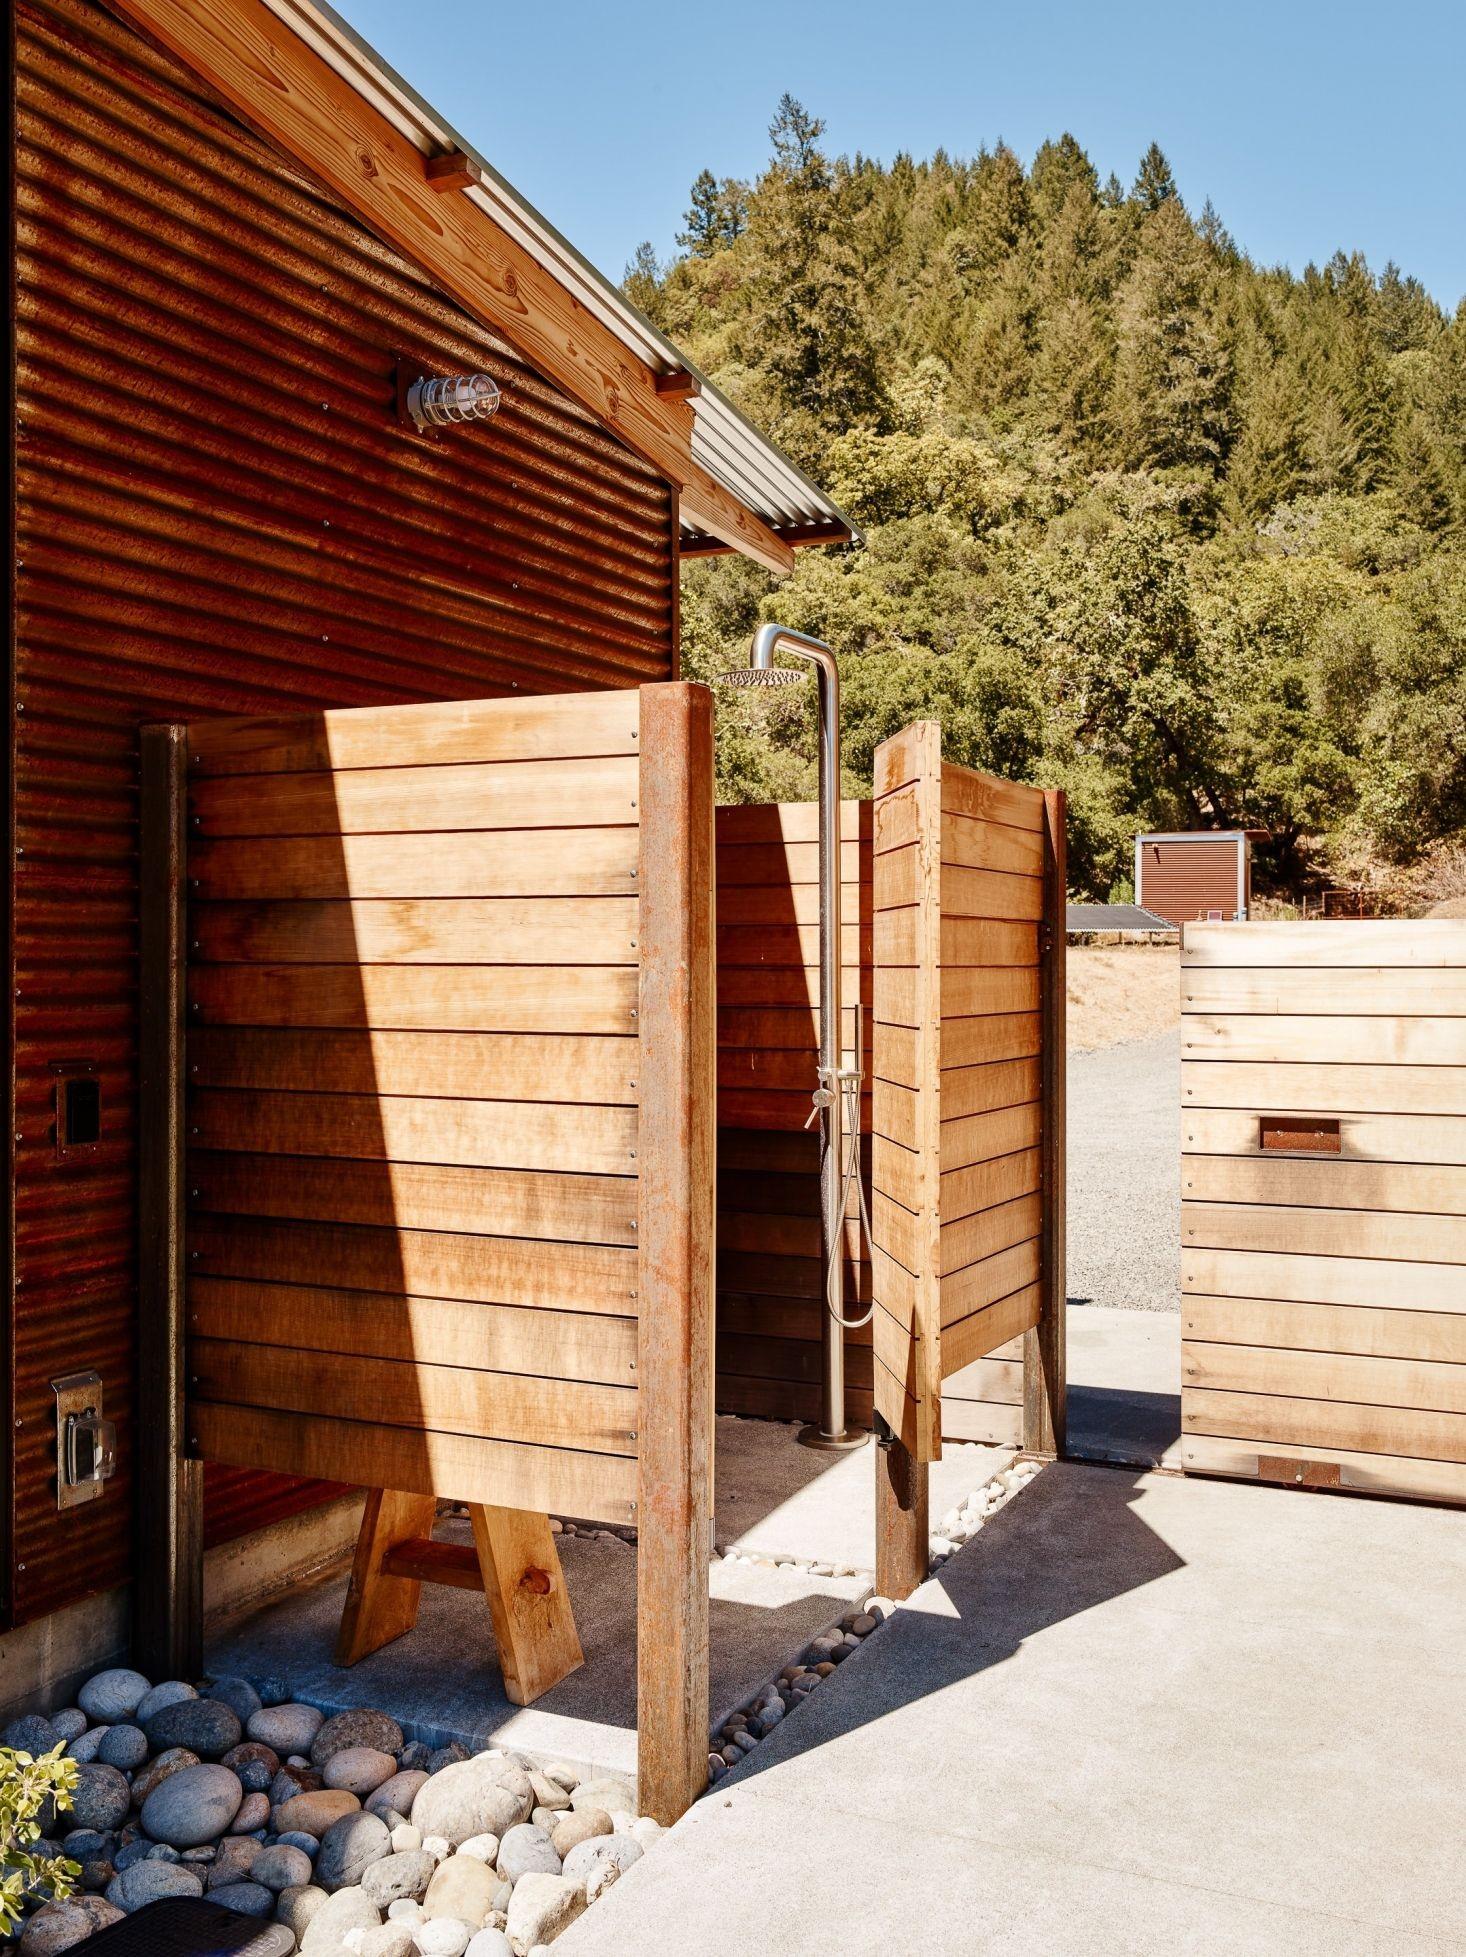 corrugated metal & ipe wood